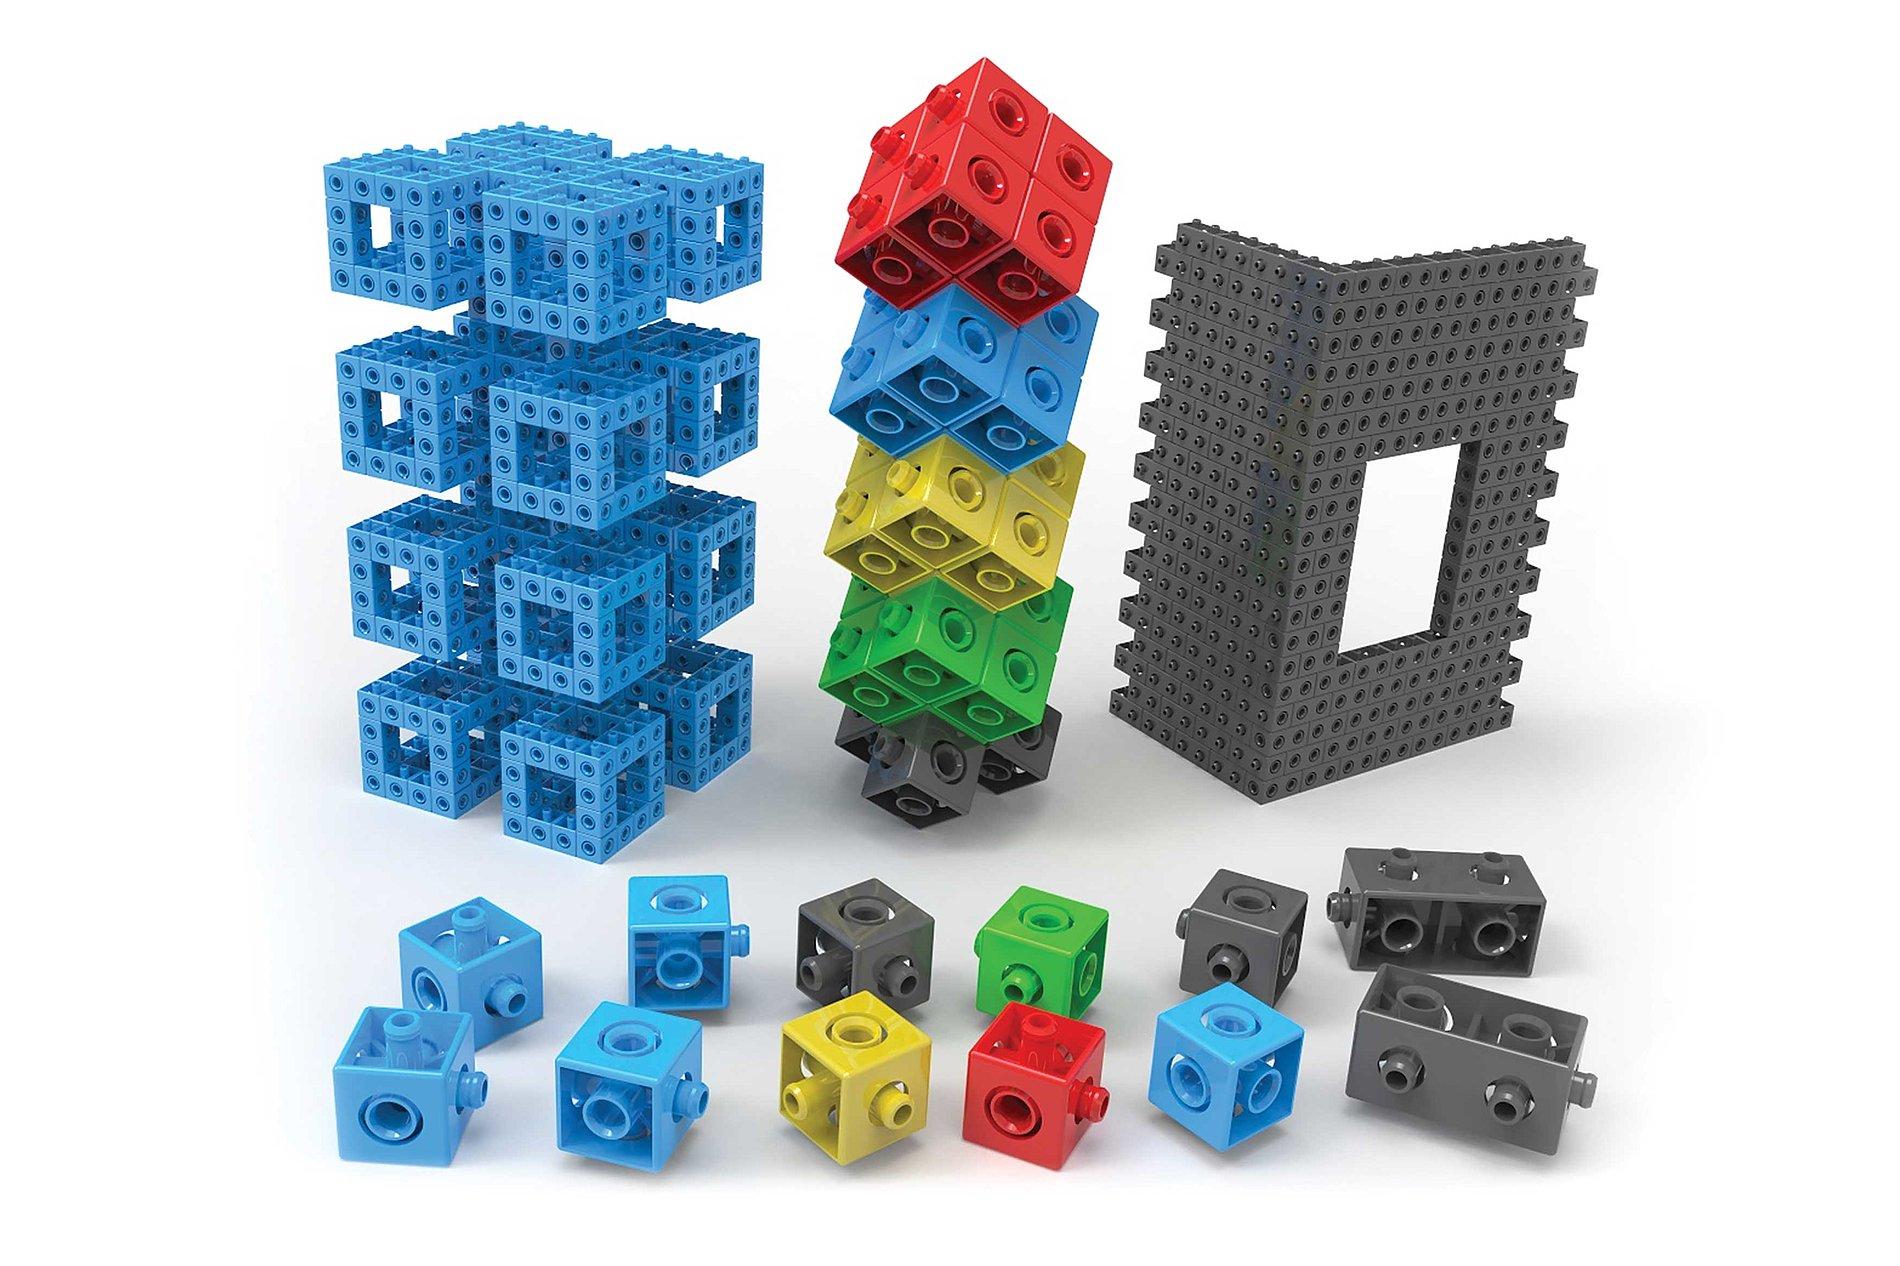 Red Dot Design Award: The Block Set